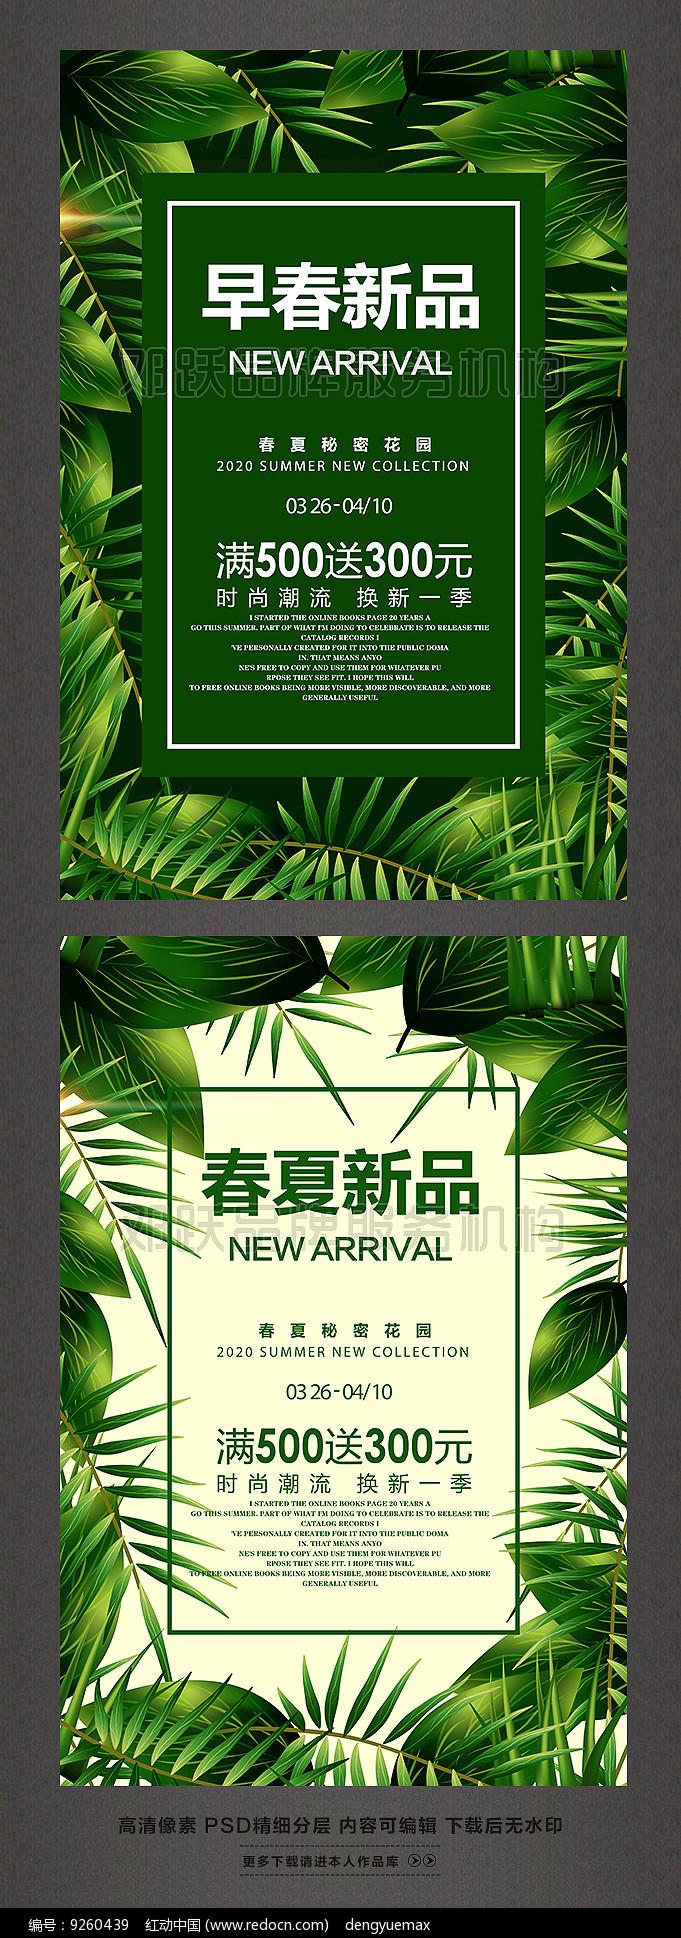 春夏新品上市促销海报活动海报图片